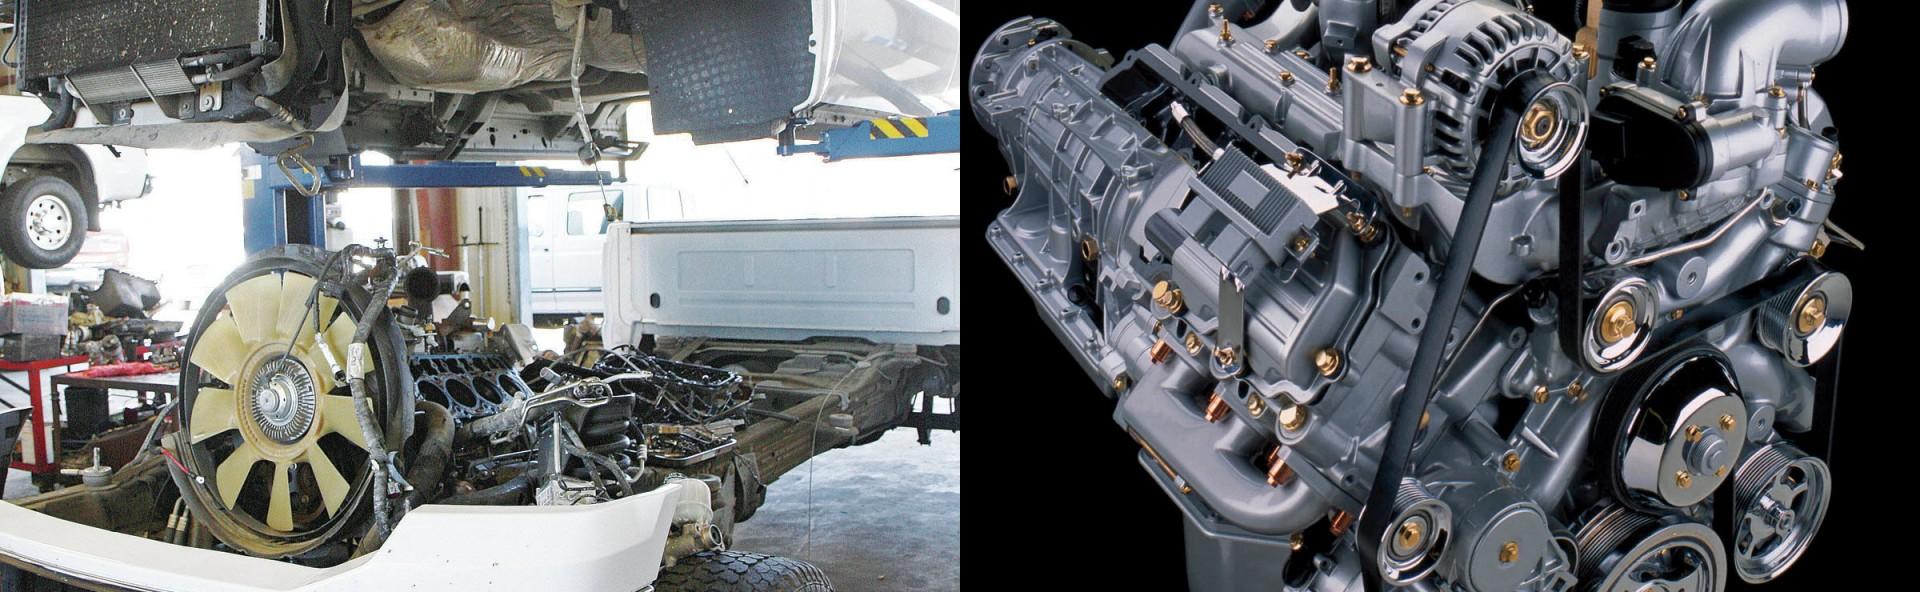 Diesel_Engine_Repair